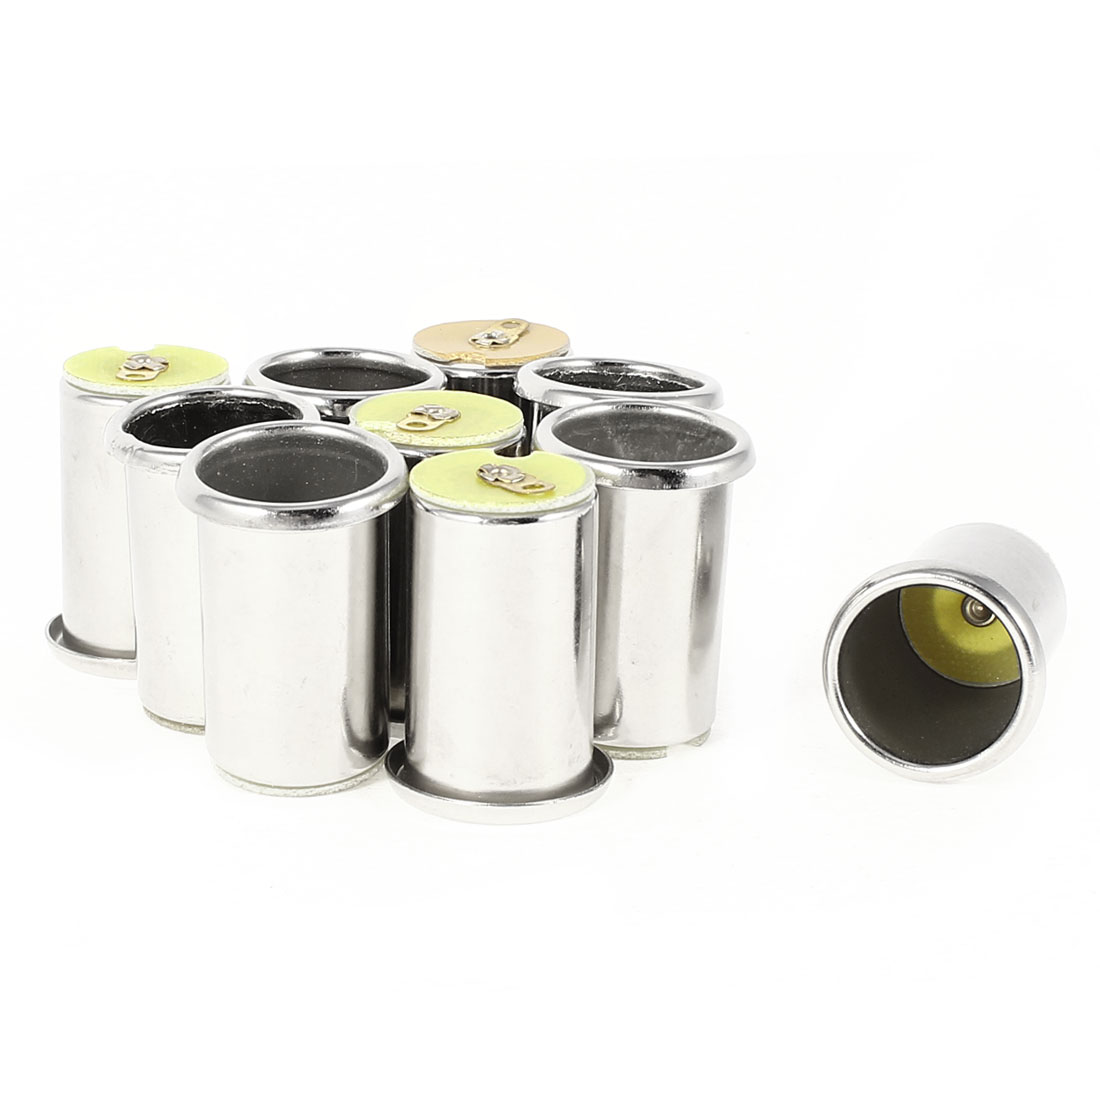 10 Pcs Silver Tone Metal Cylinder Shell Car Cigarette Cigar Lighter Socket Female